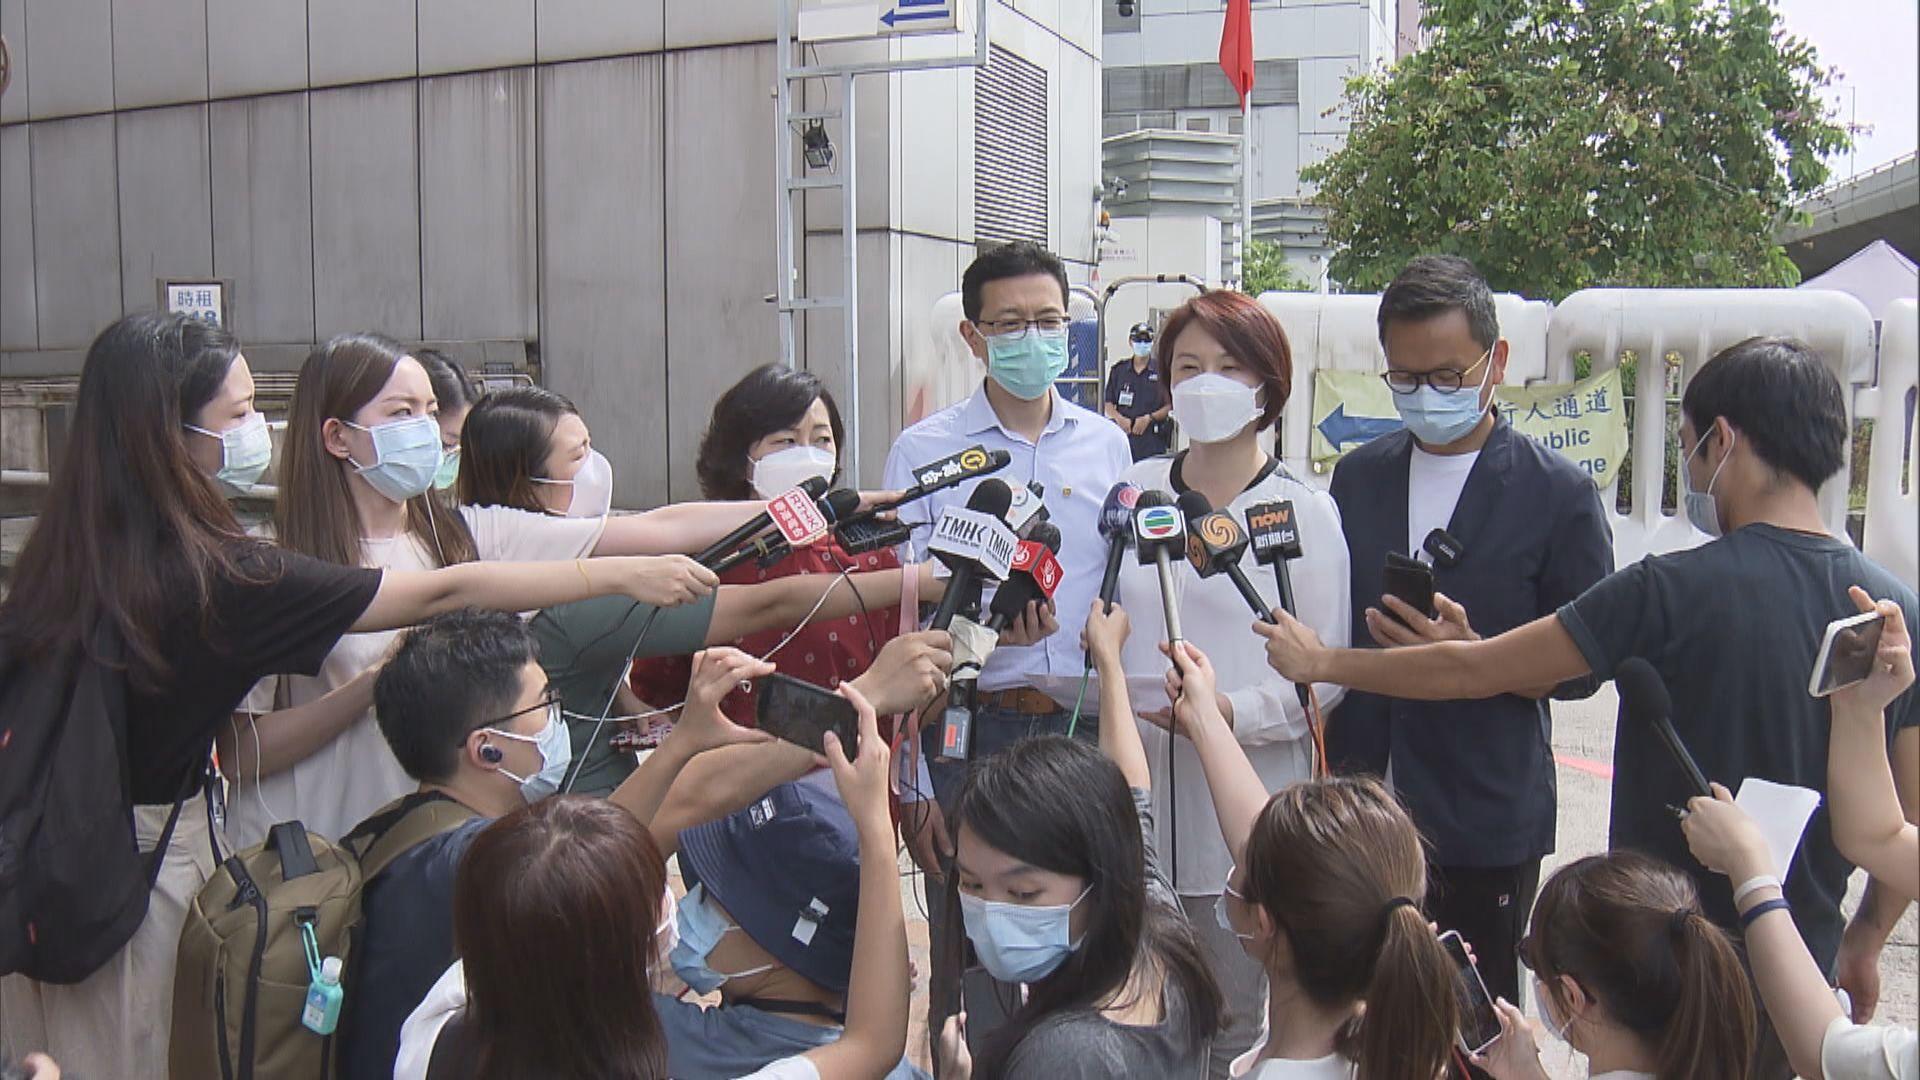 民建聯工聯會與中聯辦官員會面 倡中央協助應對疫情